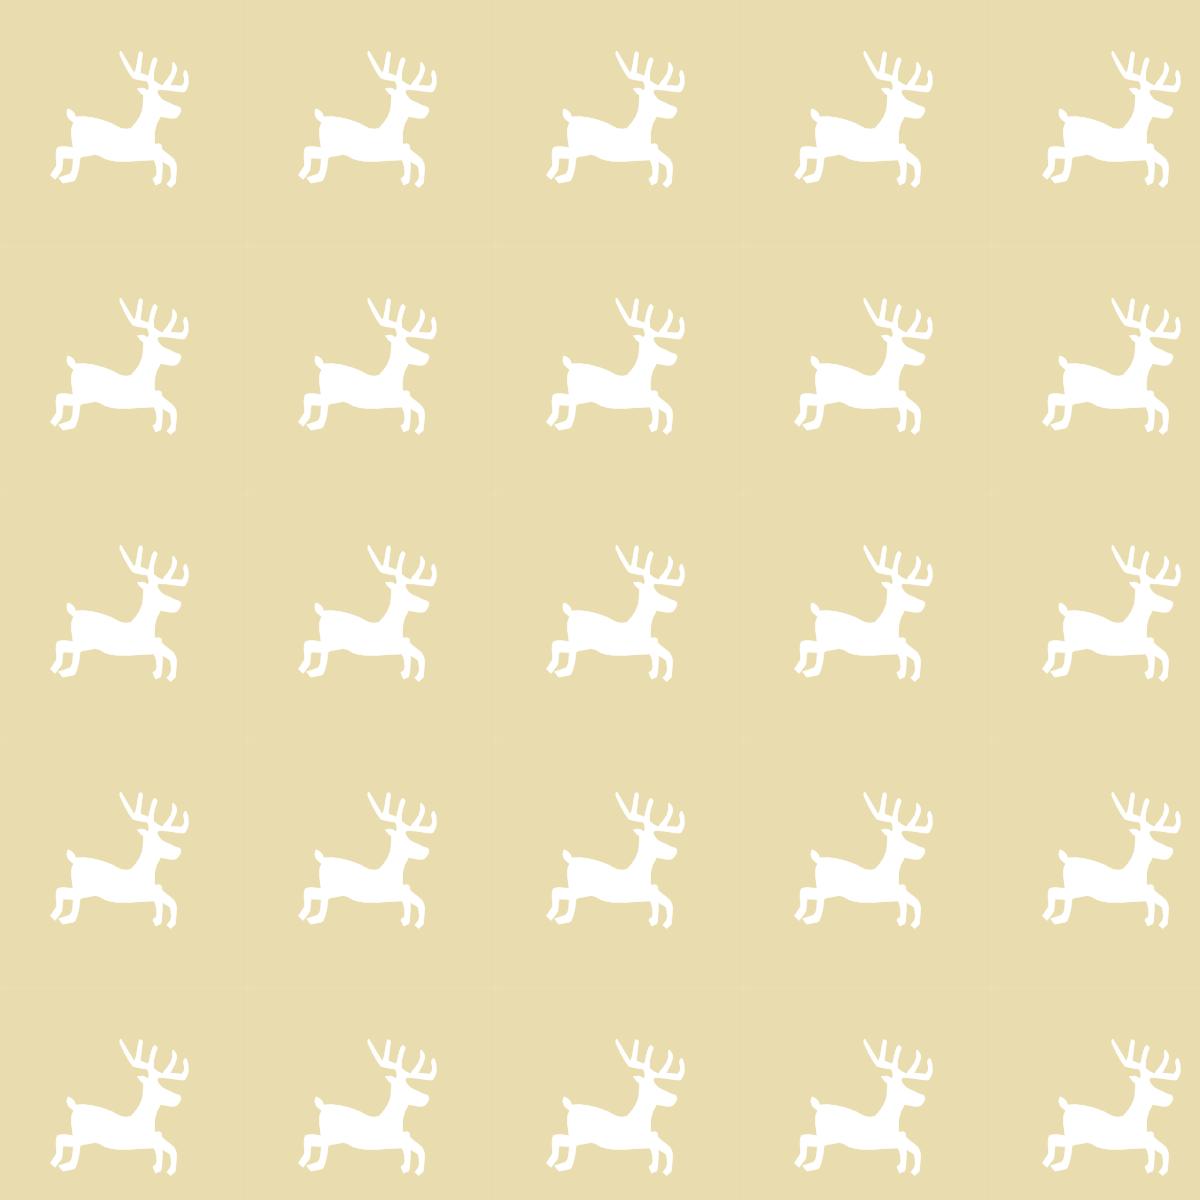 free printable reindeer gift tags and reindeer wrap paper ...